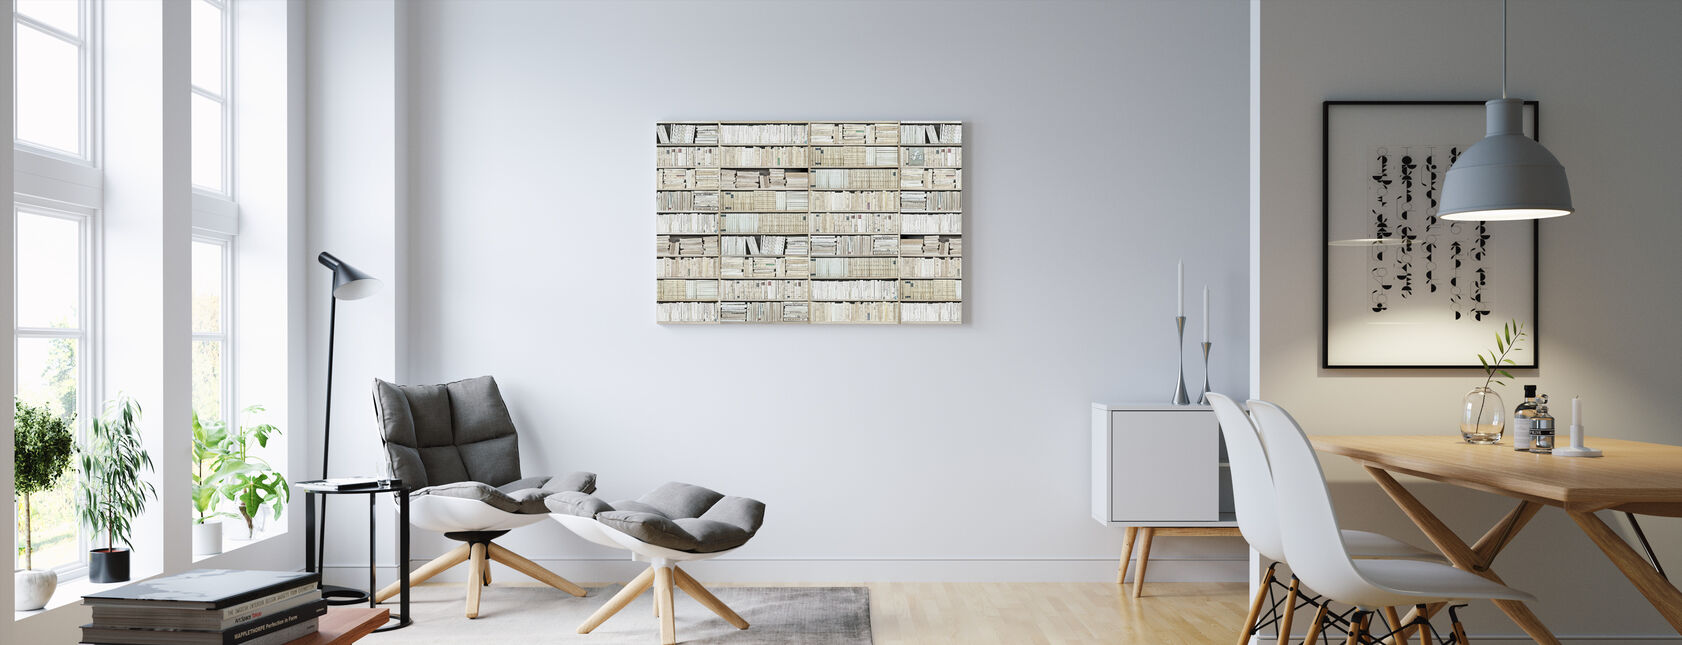 Bookshelf - White - Long - Canvas print - Living Room